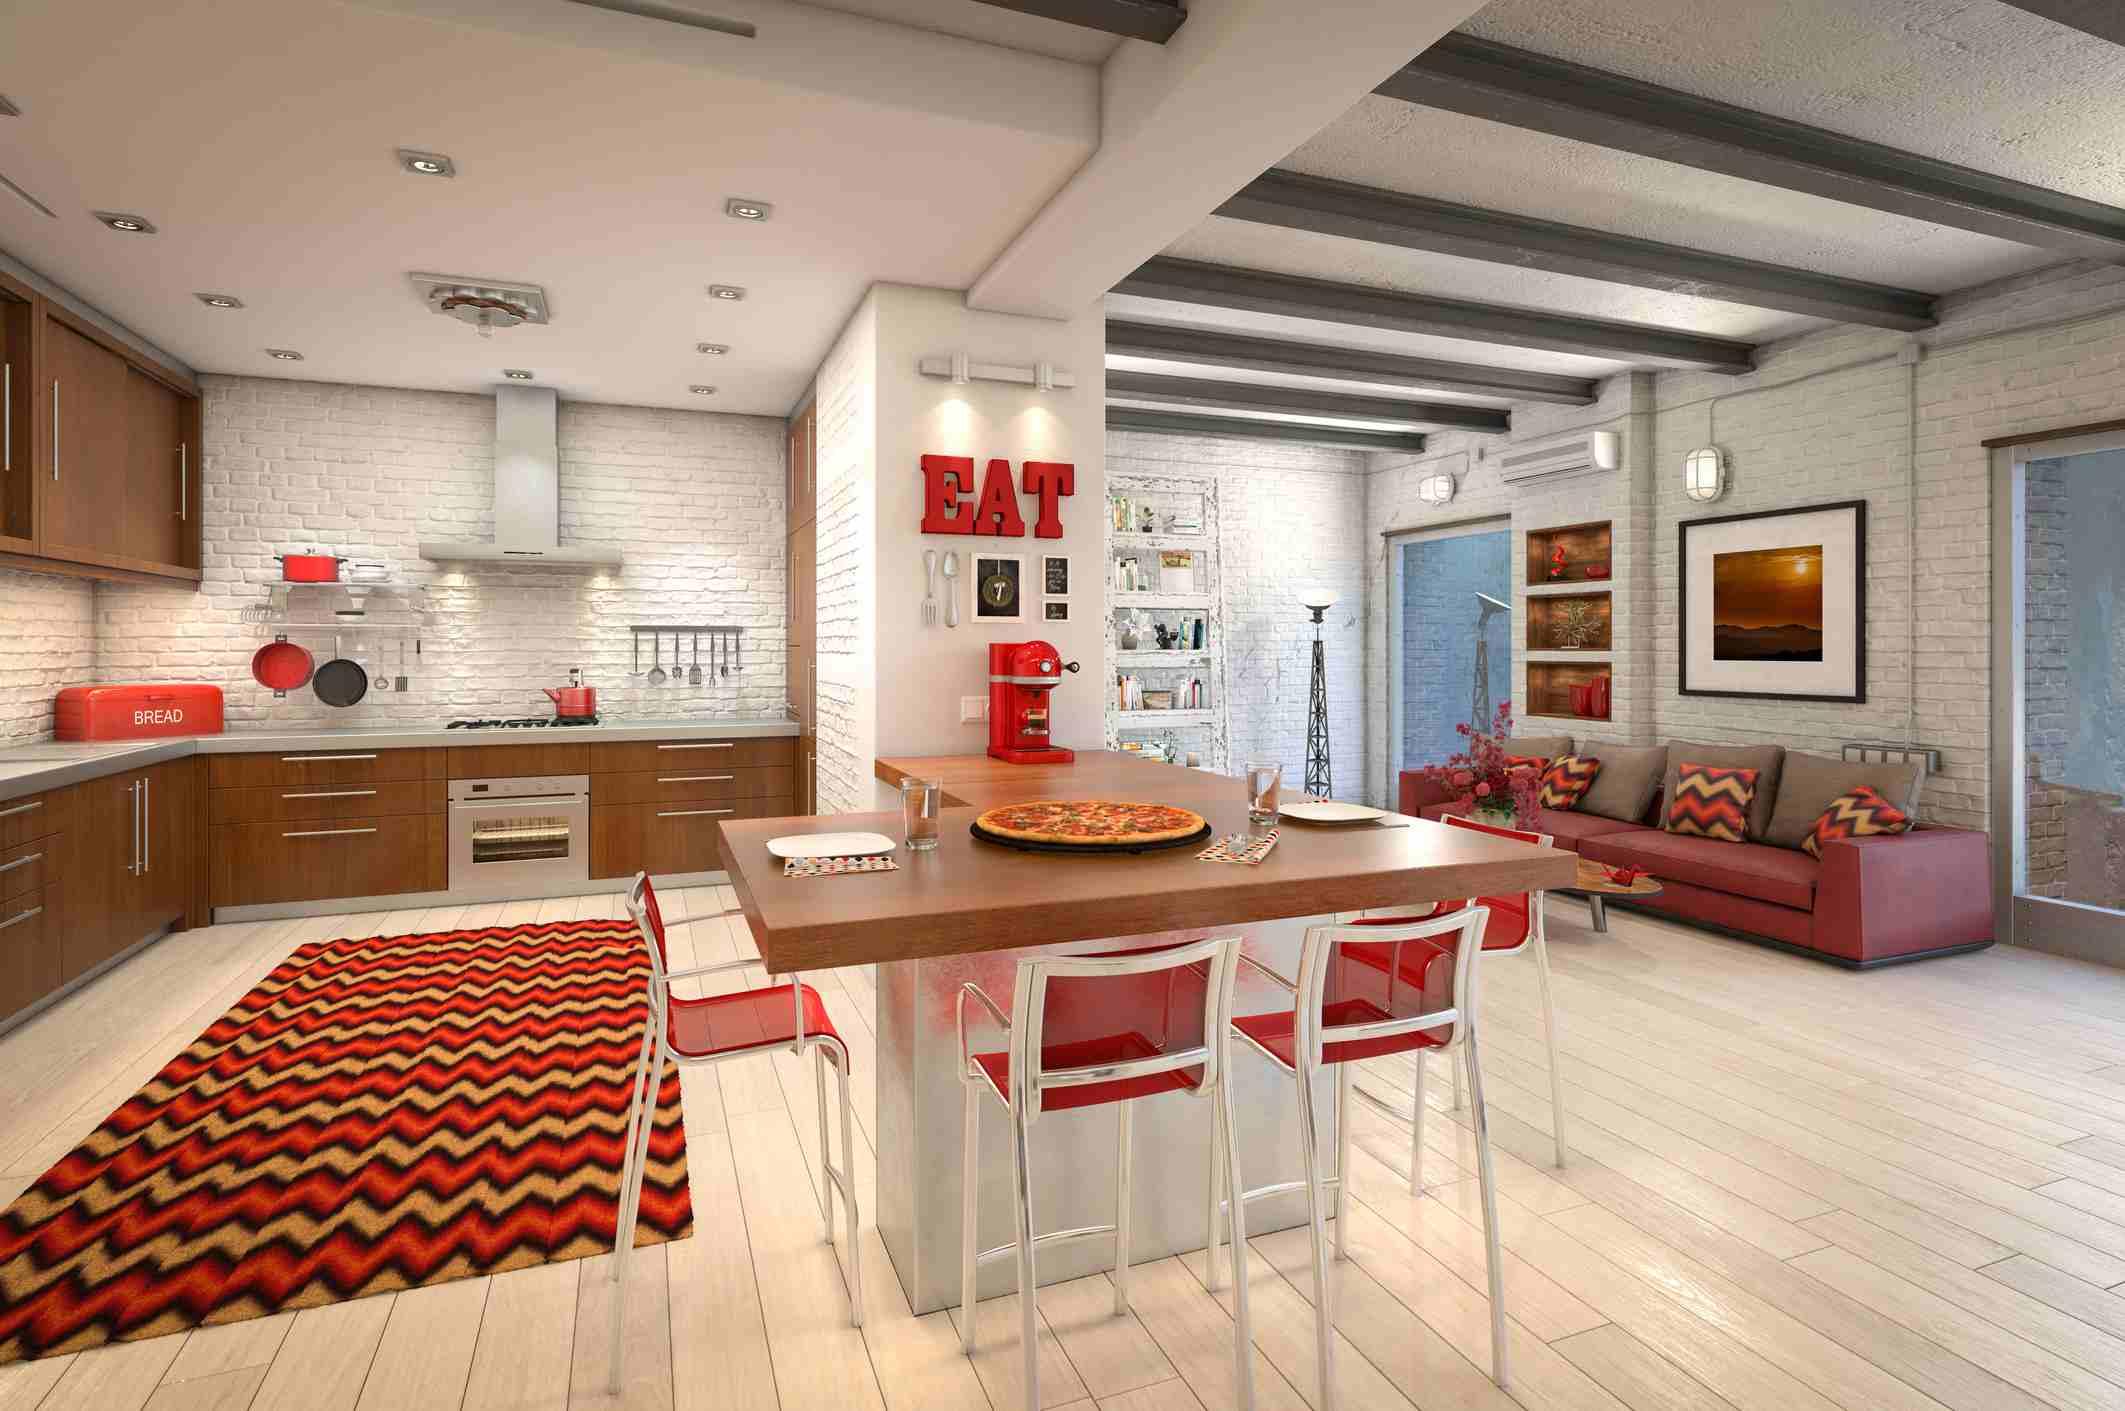 muebles y acentos rojos en toda la cocina abierta moderna del desván